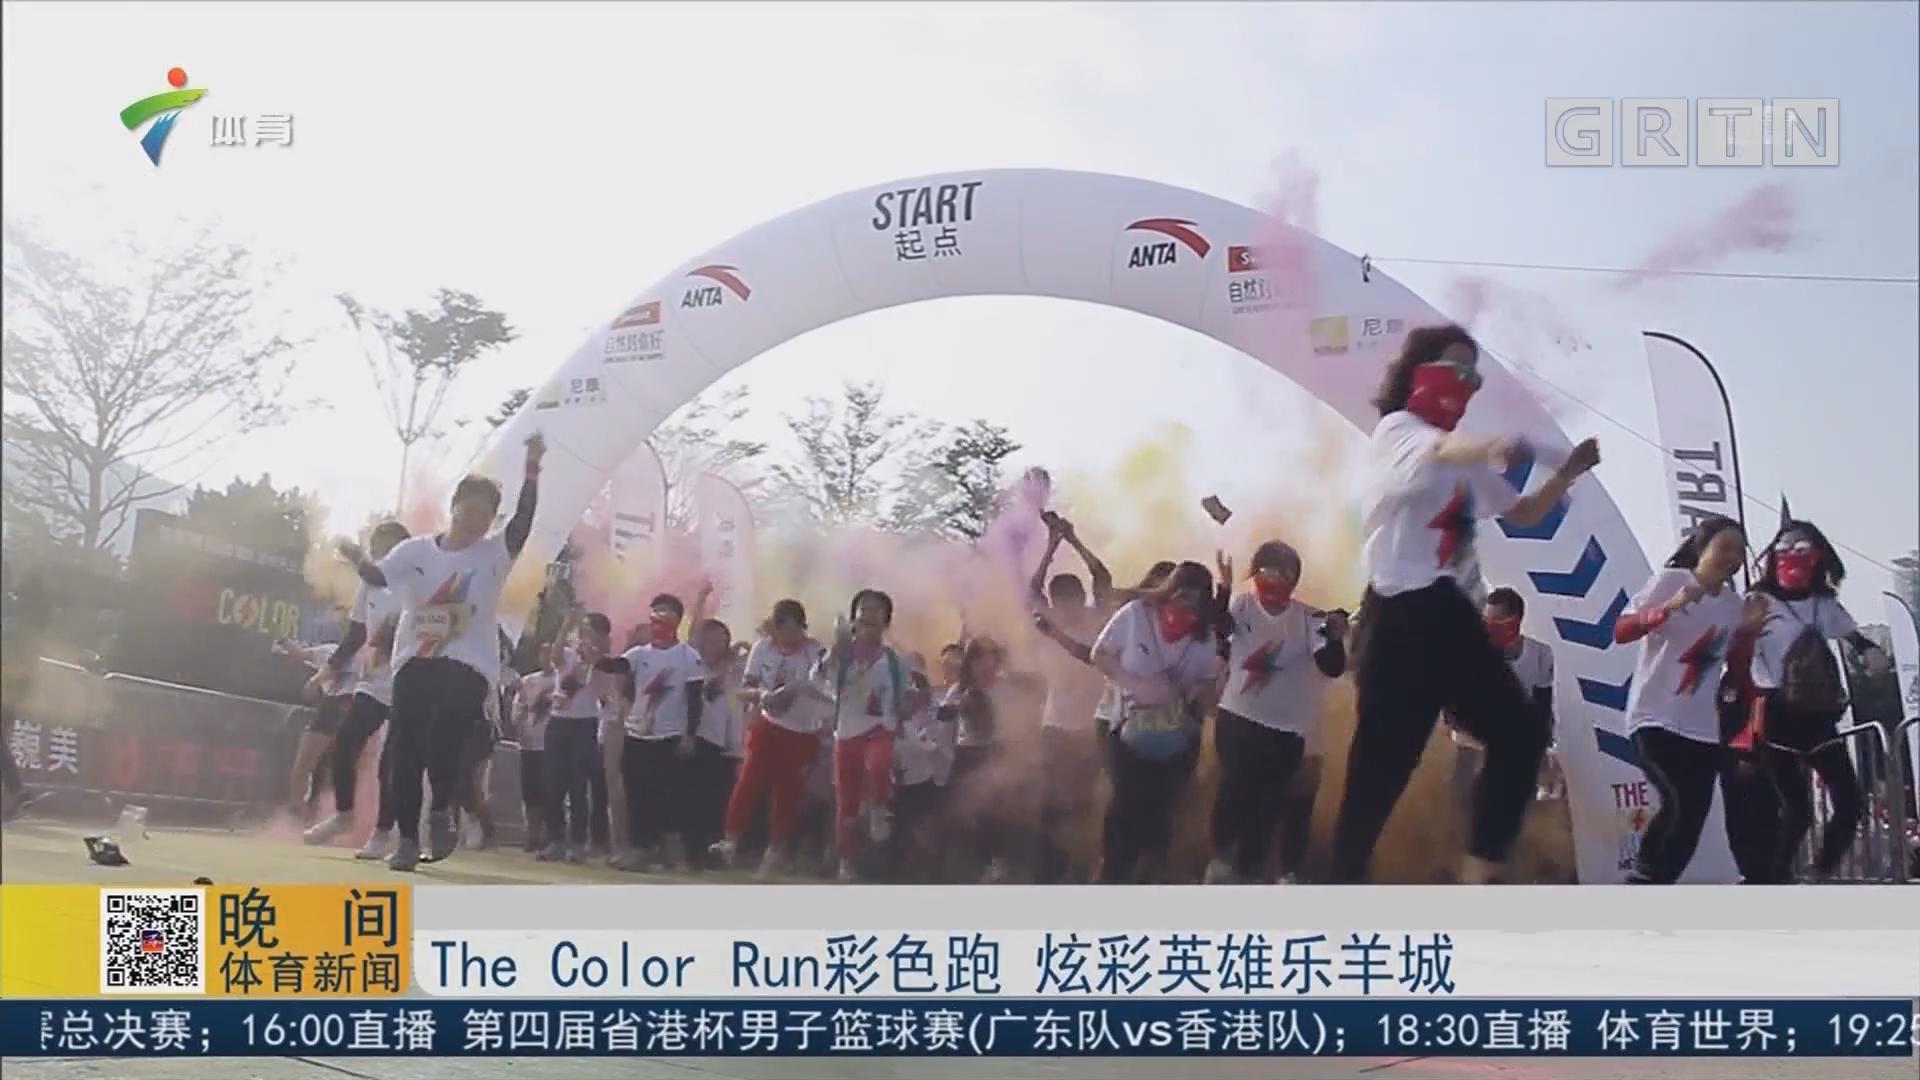 The Color Run彩色跑 炫彩英雄乐羊城